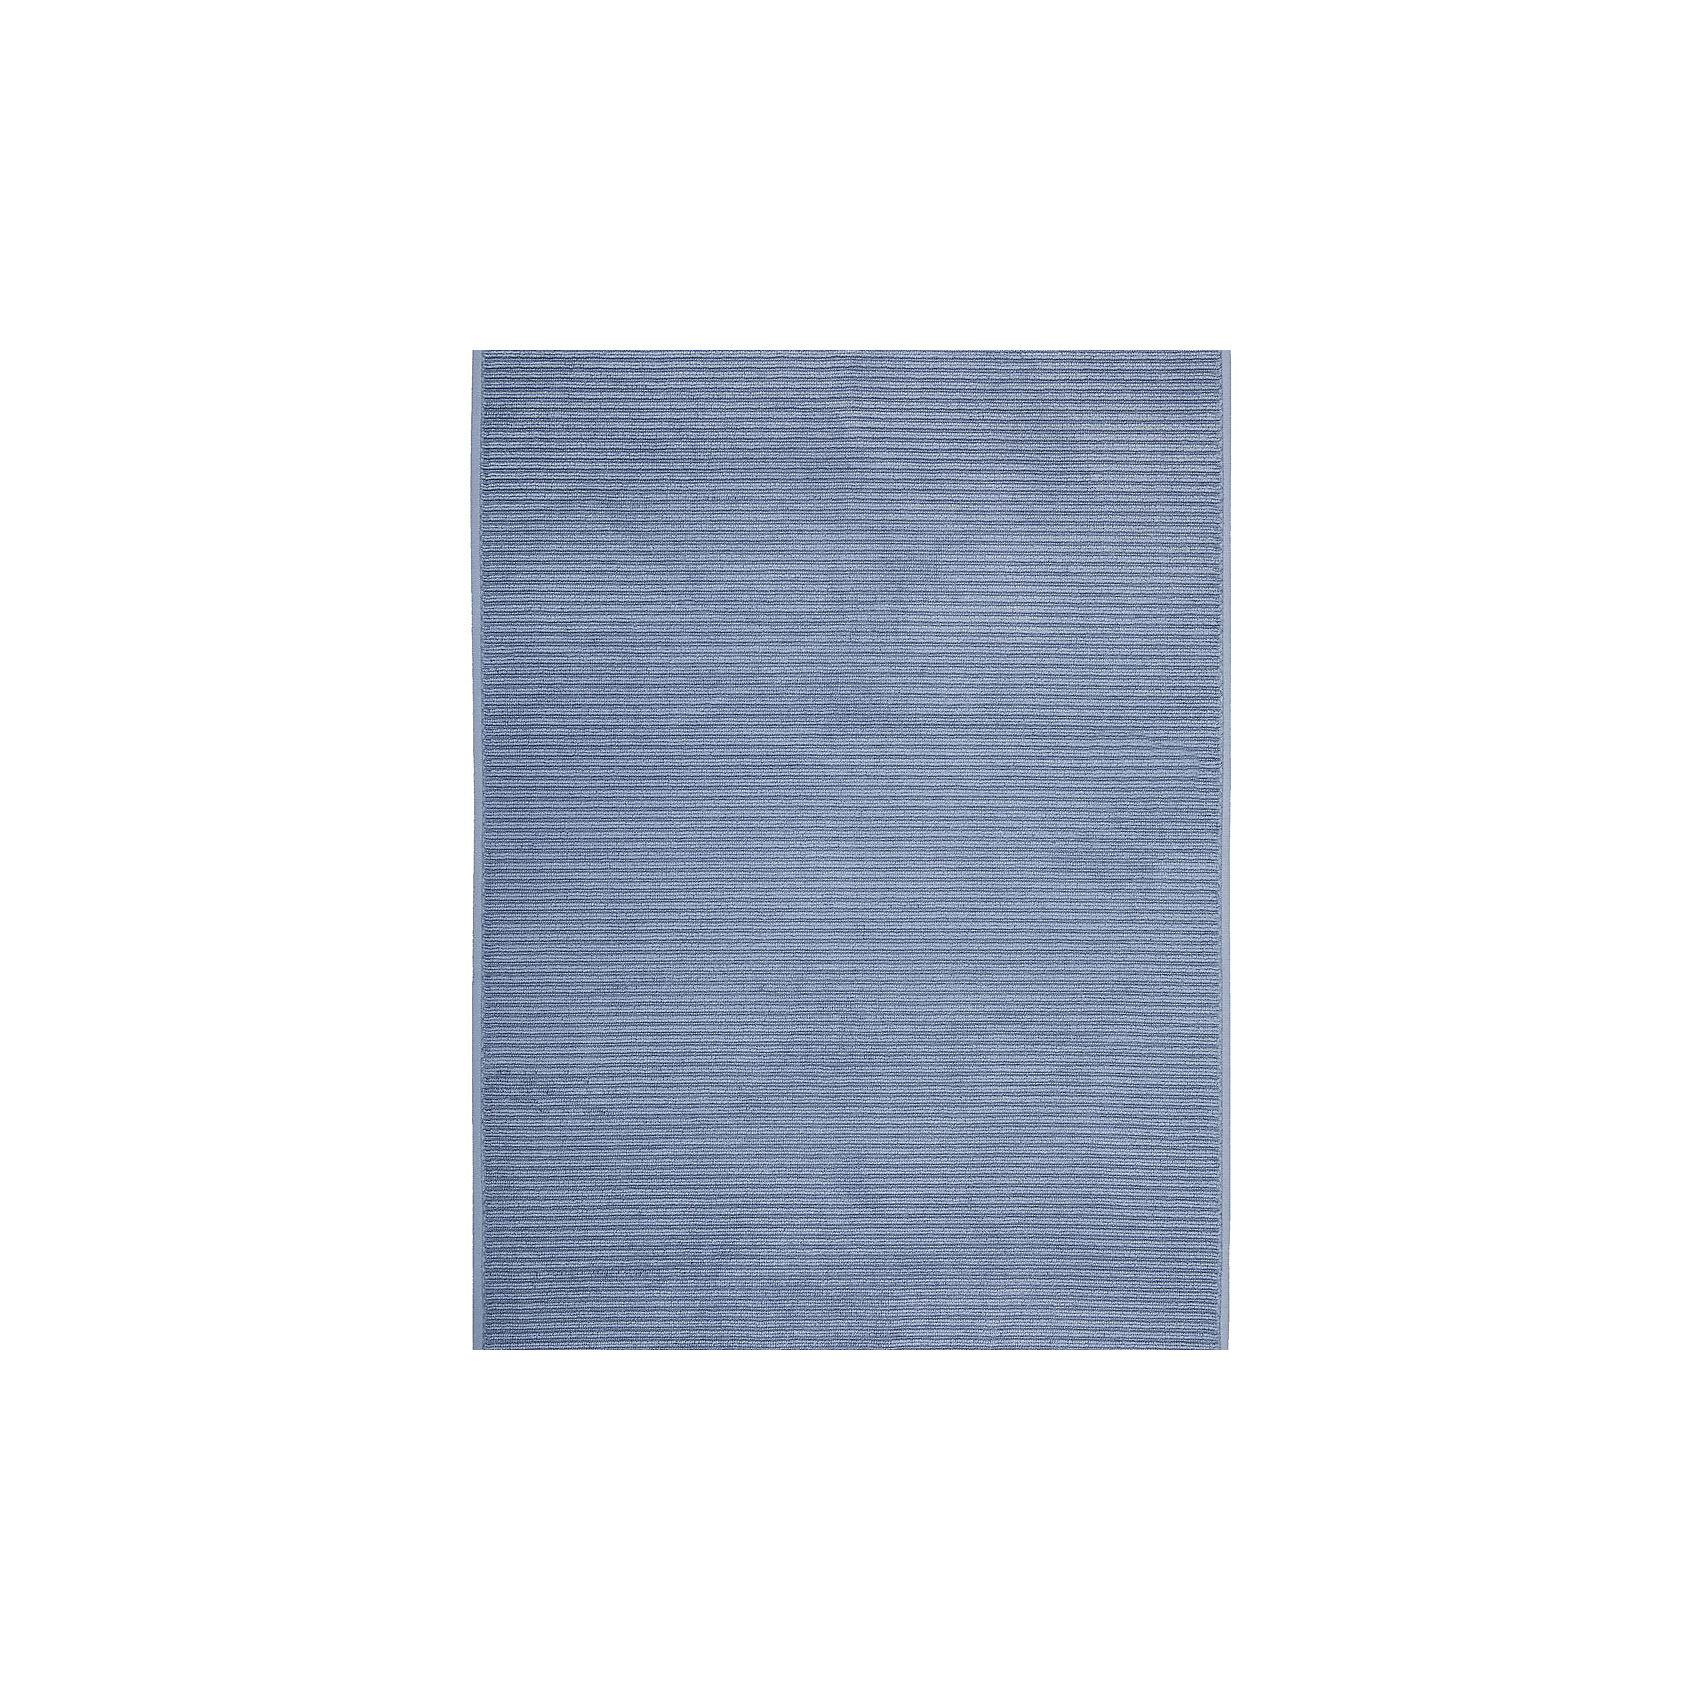 Полотенце для ног махровое Maison Bambu, 50*70, TAC, синий (k.mavi)Ванная комната<br>Характеристики:<br><br>• Вид домашнего текстиля: махровое полотенце<br>• Размеры полотенца: 50*70 см<br>• Рисунок: без рисунка<br>• Материал: хлопок, 50% хлопок; бамбук, 50%<br>• Цвет: синий<br>• Плотность полотна: 850 гр/м2 <br>• Повышенные впитывающие качества<br>• Вес: 300 г<br>• Размеры упаковки (Д*Ш*В): 25*3*25 см<br>• Особенности ухода: машинная стирка <br><br>Полотенце для ног махровое Maison Bambu, 50*70, TAC, синий (k.mavi) от наиболее популярного бренда на отечественном рынке среди производителей комплектов постельного белья и текстильных принадлежностей, выпуском которого занимается производственная компания, являющаяся частью мирового холдинга Zorlu Holding Textiles Group. Полотенце выполнено из сочетания натурального хлопка и бамбукового волокна, что обеспечивает гипоаллергенность, высокую износоустойчивость, повышенные гигкоскопические и антибактериальные свойства изделия. <br><br>Благодаря высокой степени плотности махры, полотенце отлично впитывает влагу, но при этом остается мягким. Ворс окрашен стойкими нетоксичными красителями, который не оставляет запаха и обеспечивает ровный окрас. Полотенце сохраняет свой цвет и форму даже при частых стирках. Выполнено в синем цвете без рисунка.<br><br>Полотенце для ног махровое Maison Bambu, 50*70, TAC, синий (k.mavi) можно купить в нашем интернет-магазине.<br><br>Ширина мм: 250<br>Глубина мм: 30<br>Высота мм: 250<br>Вес г: 400<br>Возраст от месяцев: 216<br>Возраст до месяцев: 1188<br>Пол: Унисекс<br>Возраст: Детский<br>SKU: 5476345